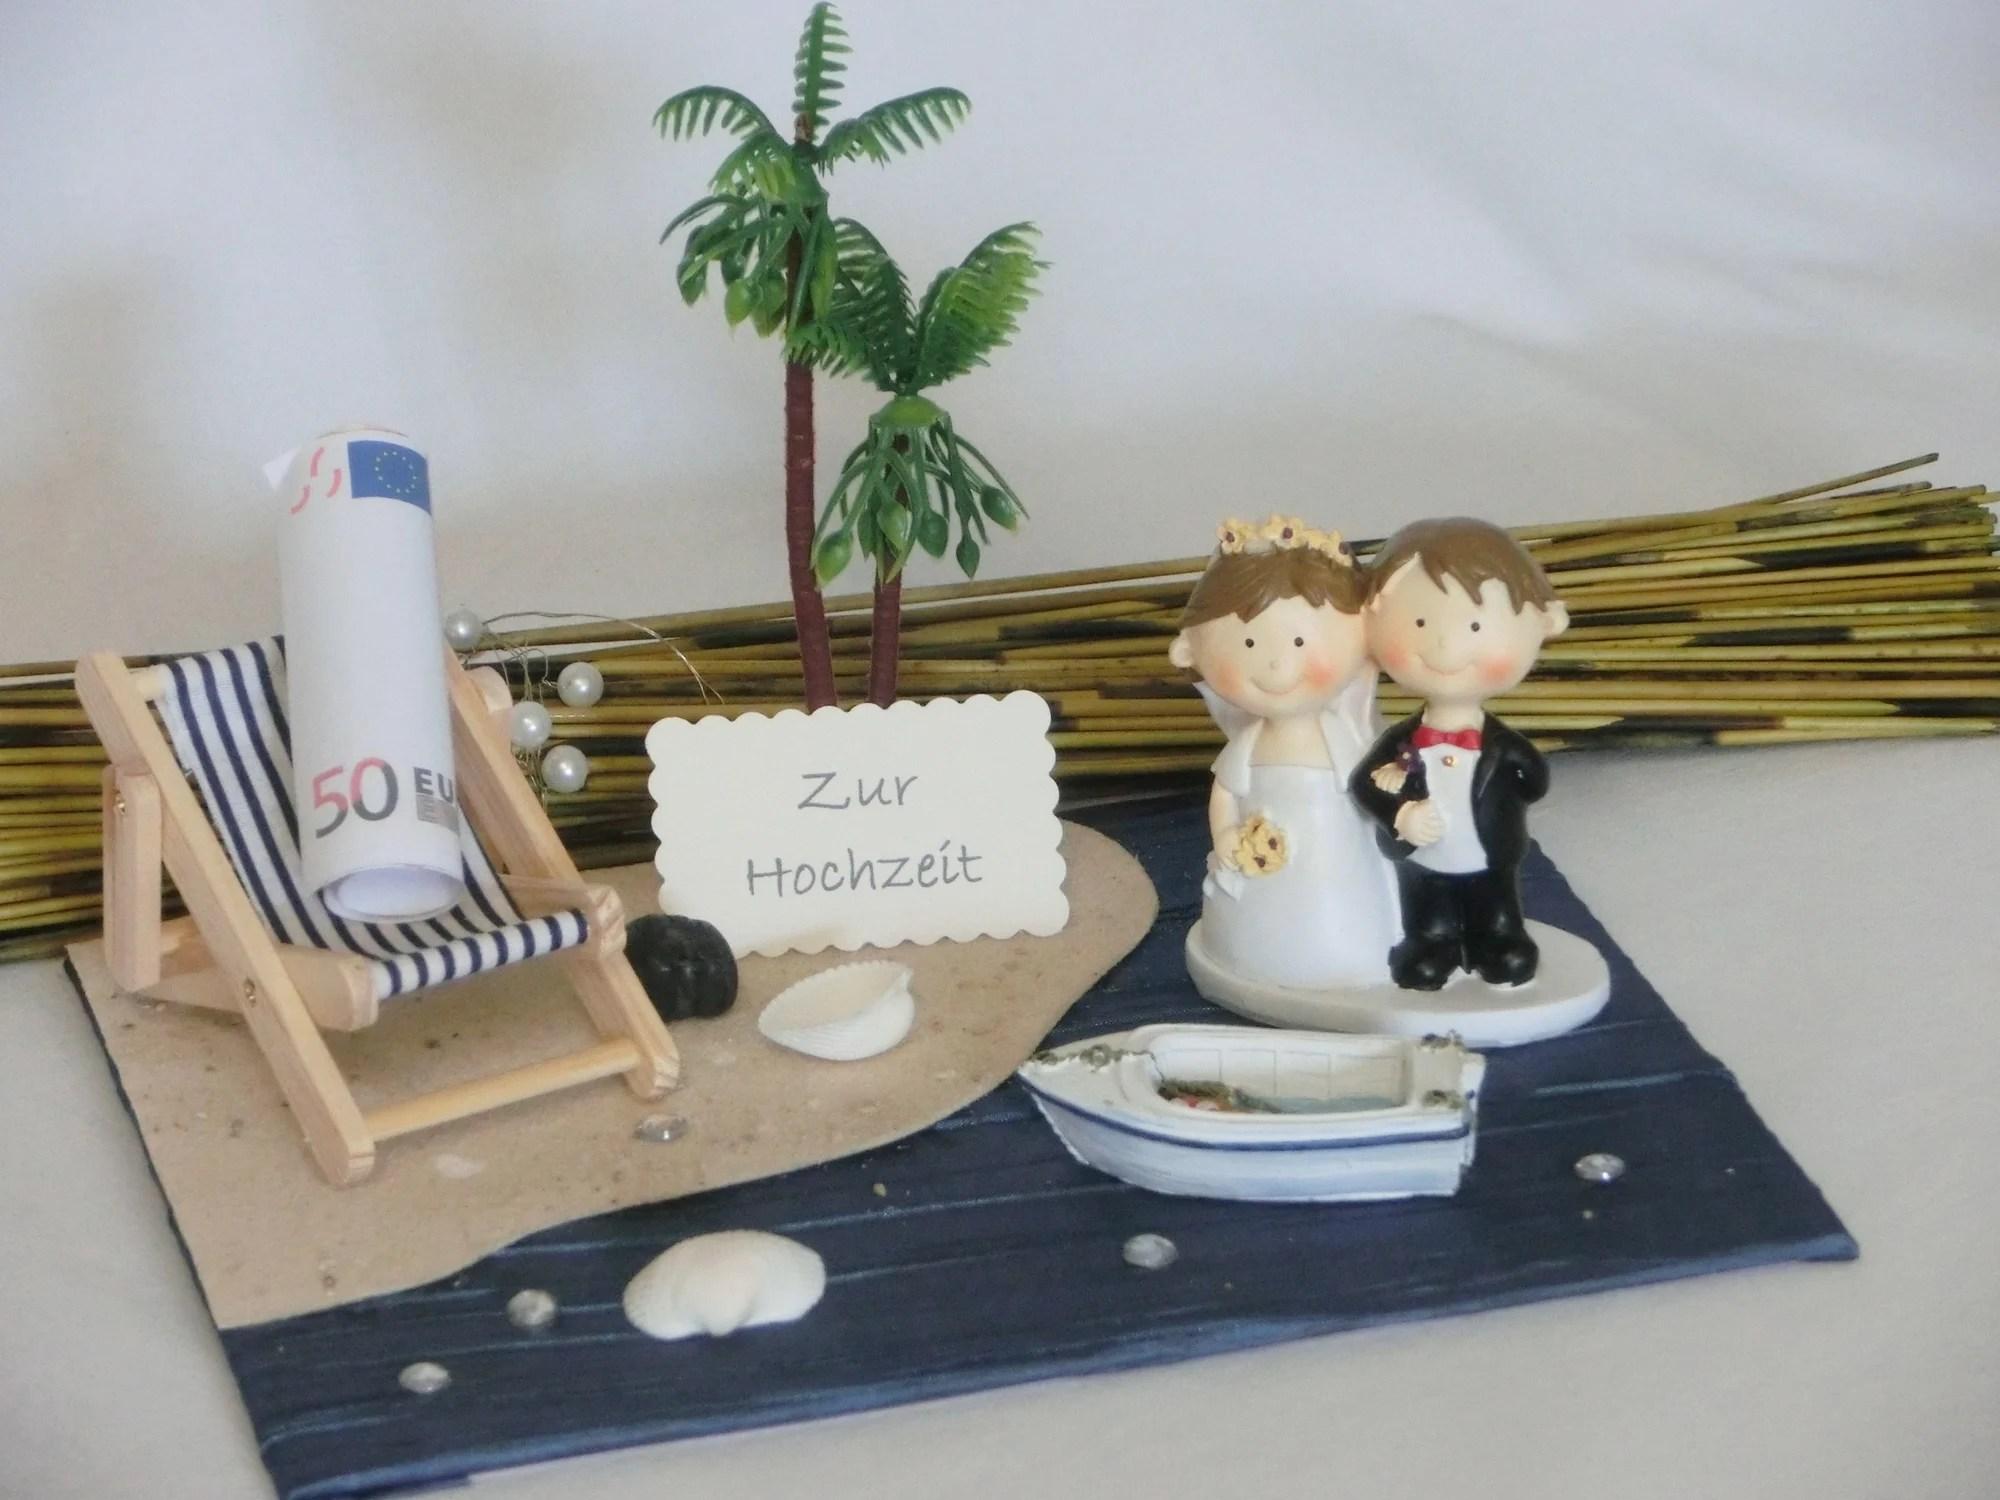 Diy Hochzeitsgeschenk Flowerbox Aus Papierblumen Schmuck Blog